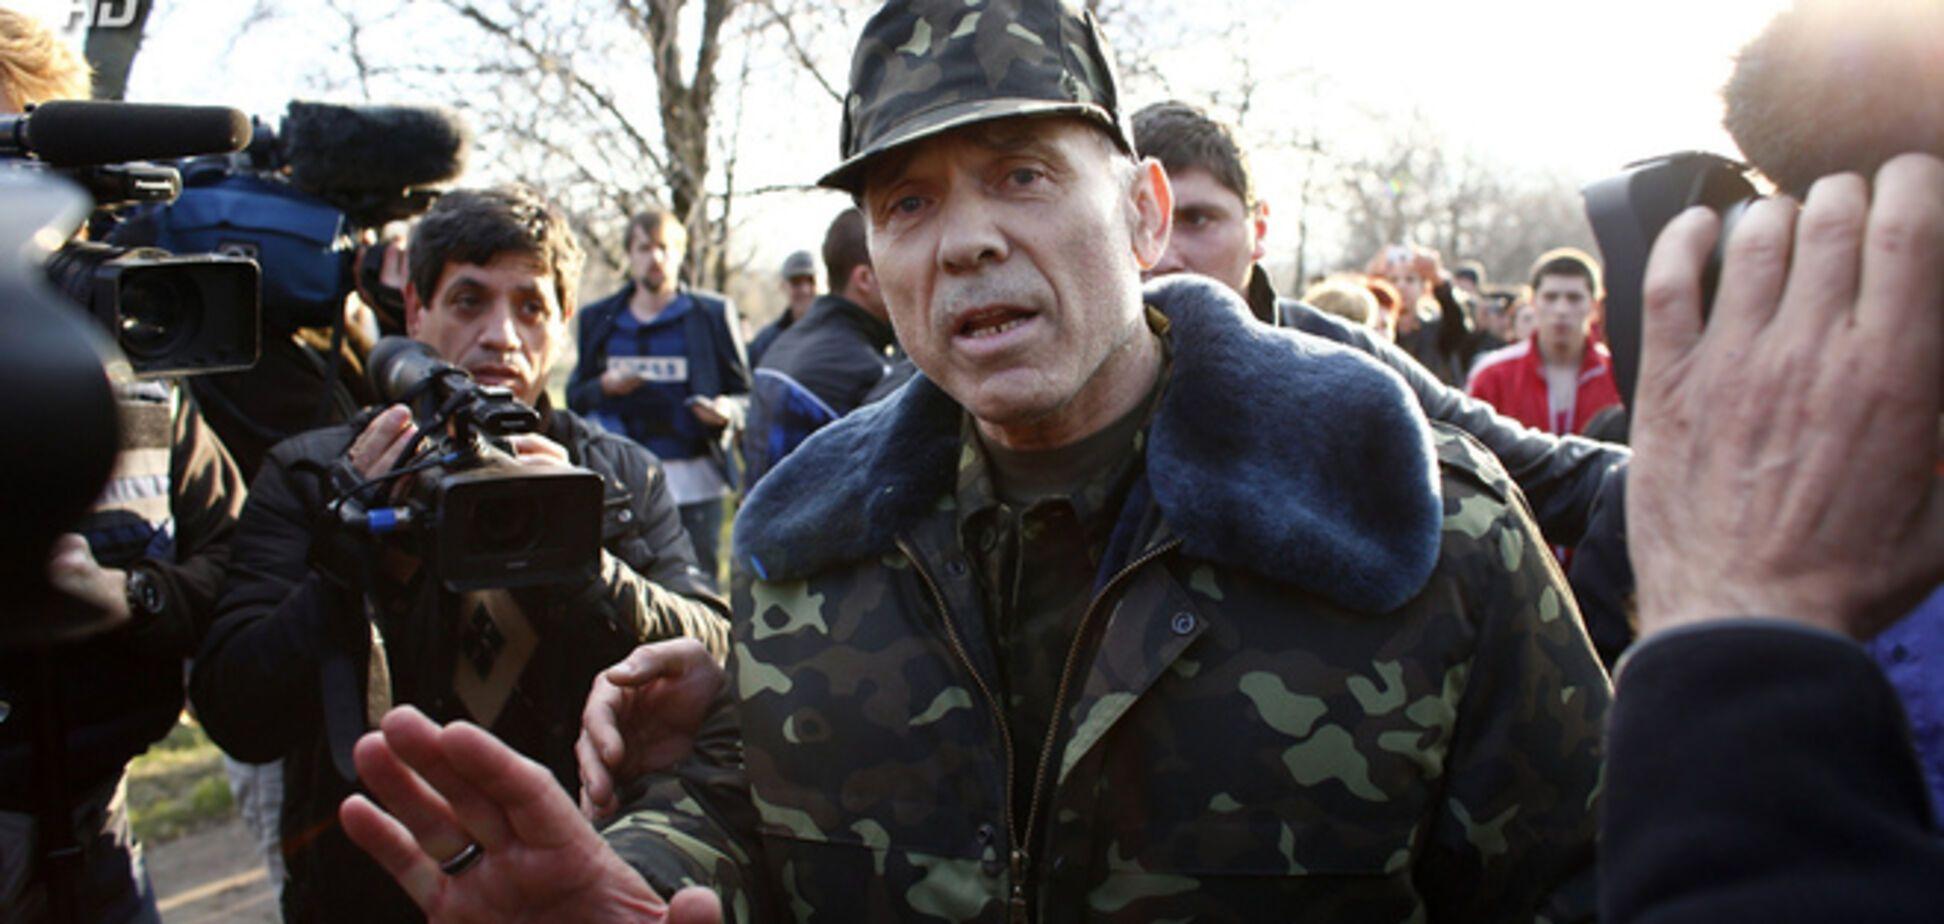 Угрозы сепаратизма есть и за пределами Донбасса – руководитель АТЦ